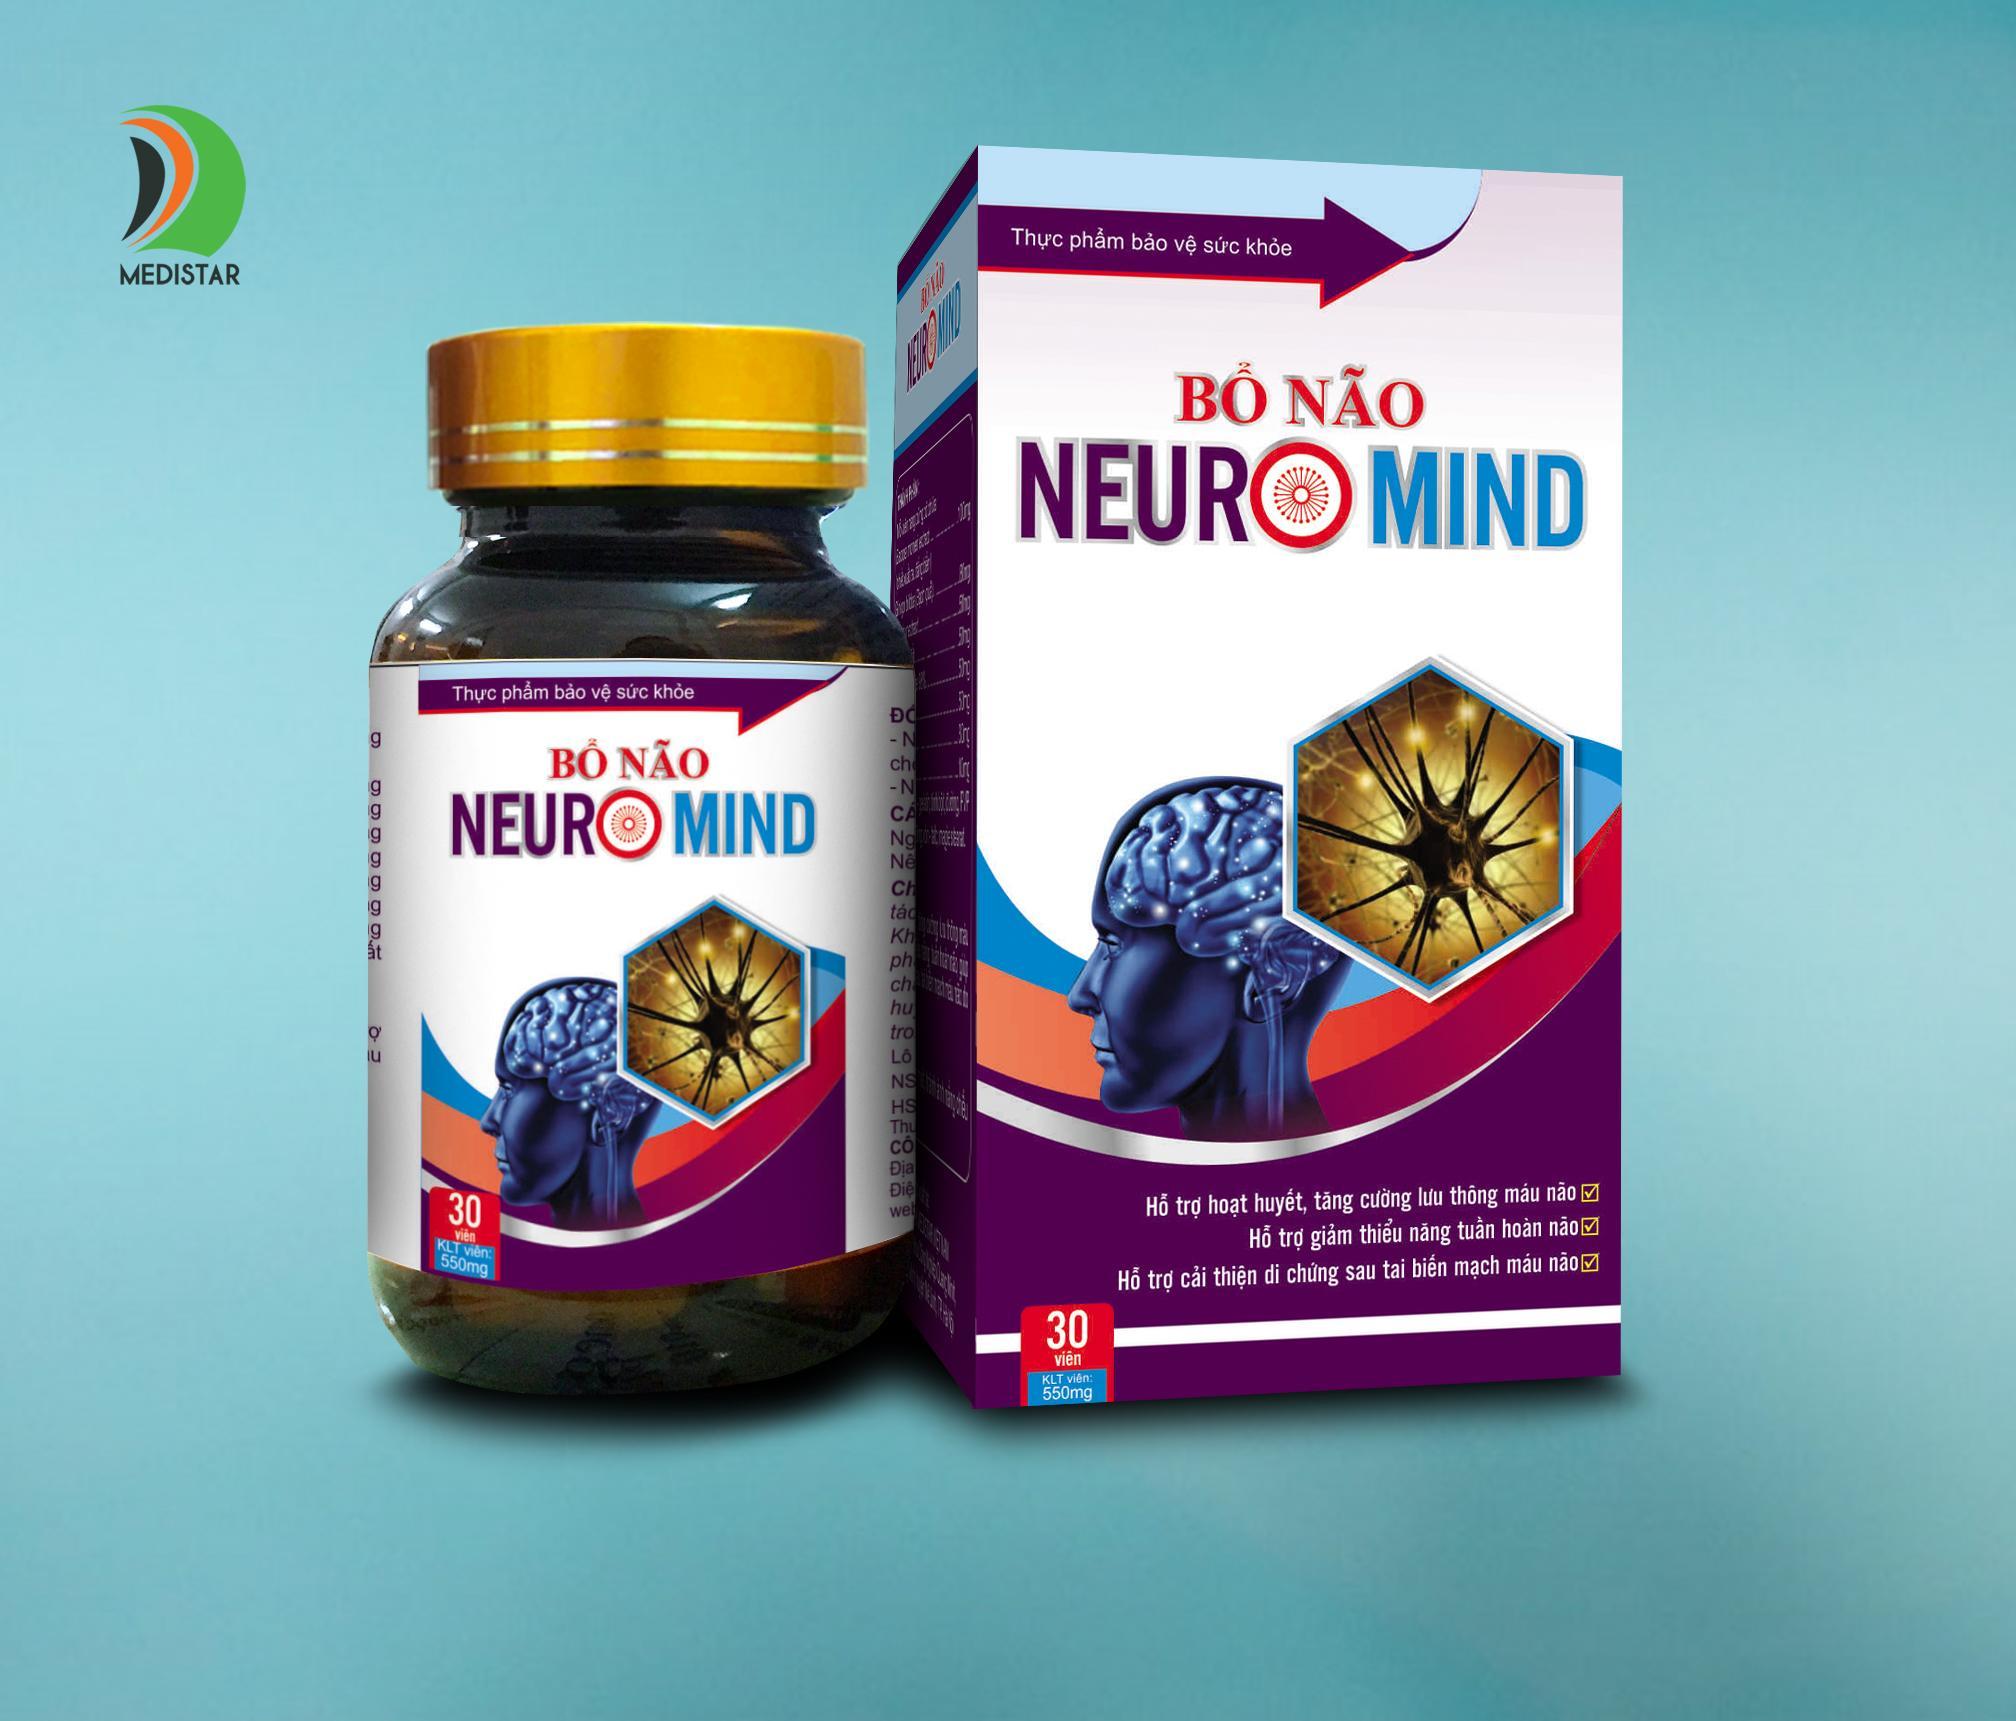 Thực phẩm chức năng viên bổ não NEUROMIND (hộp 30 viên)